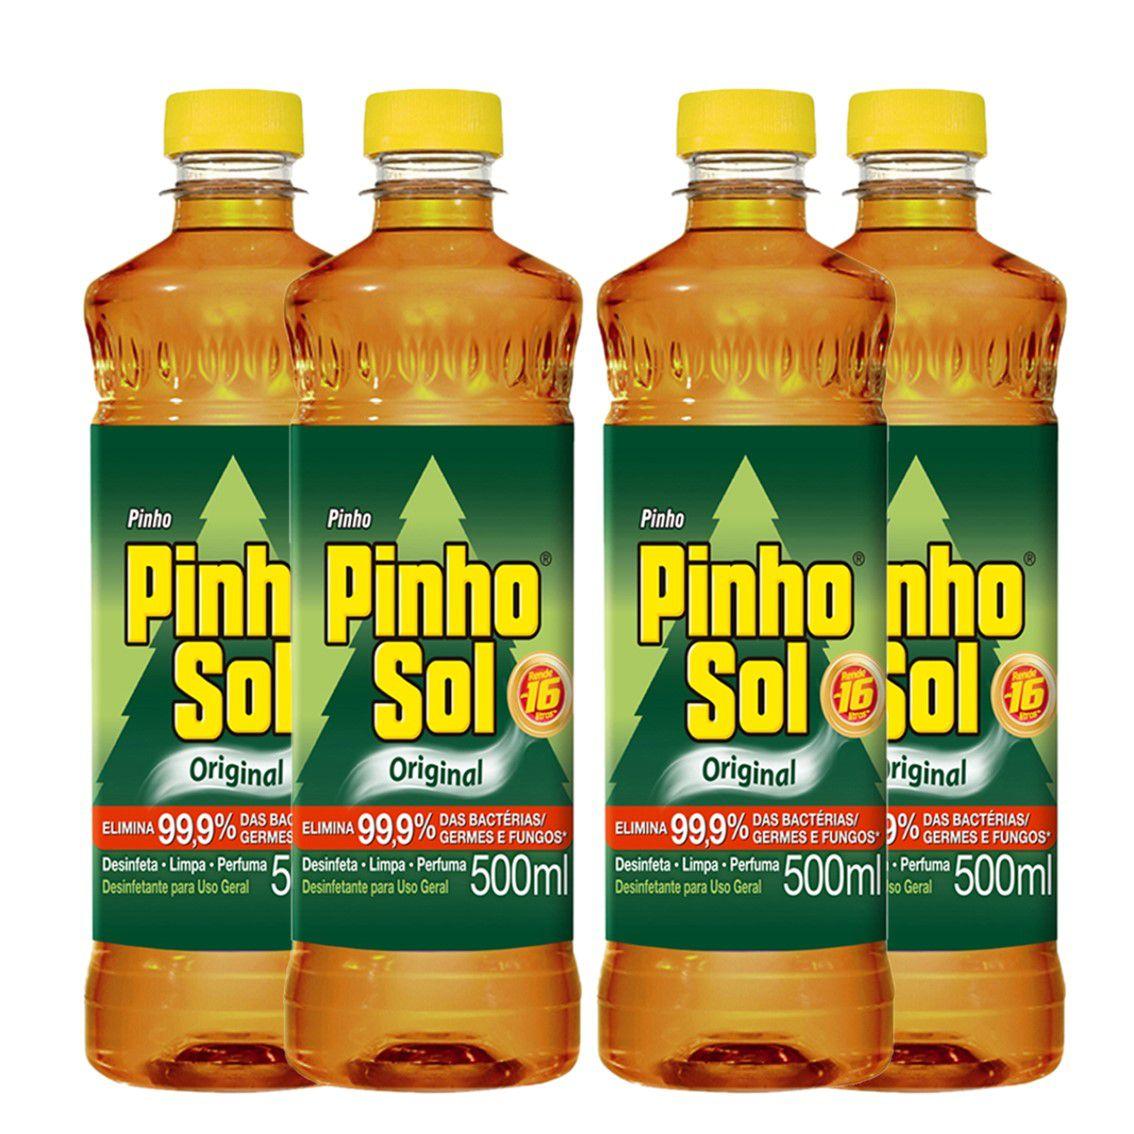 Kit com 4 Desinfetante Pinho Sol Original 500ml Cada